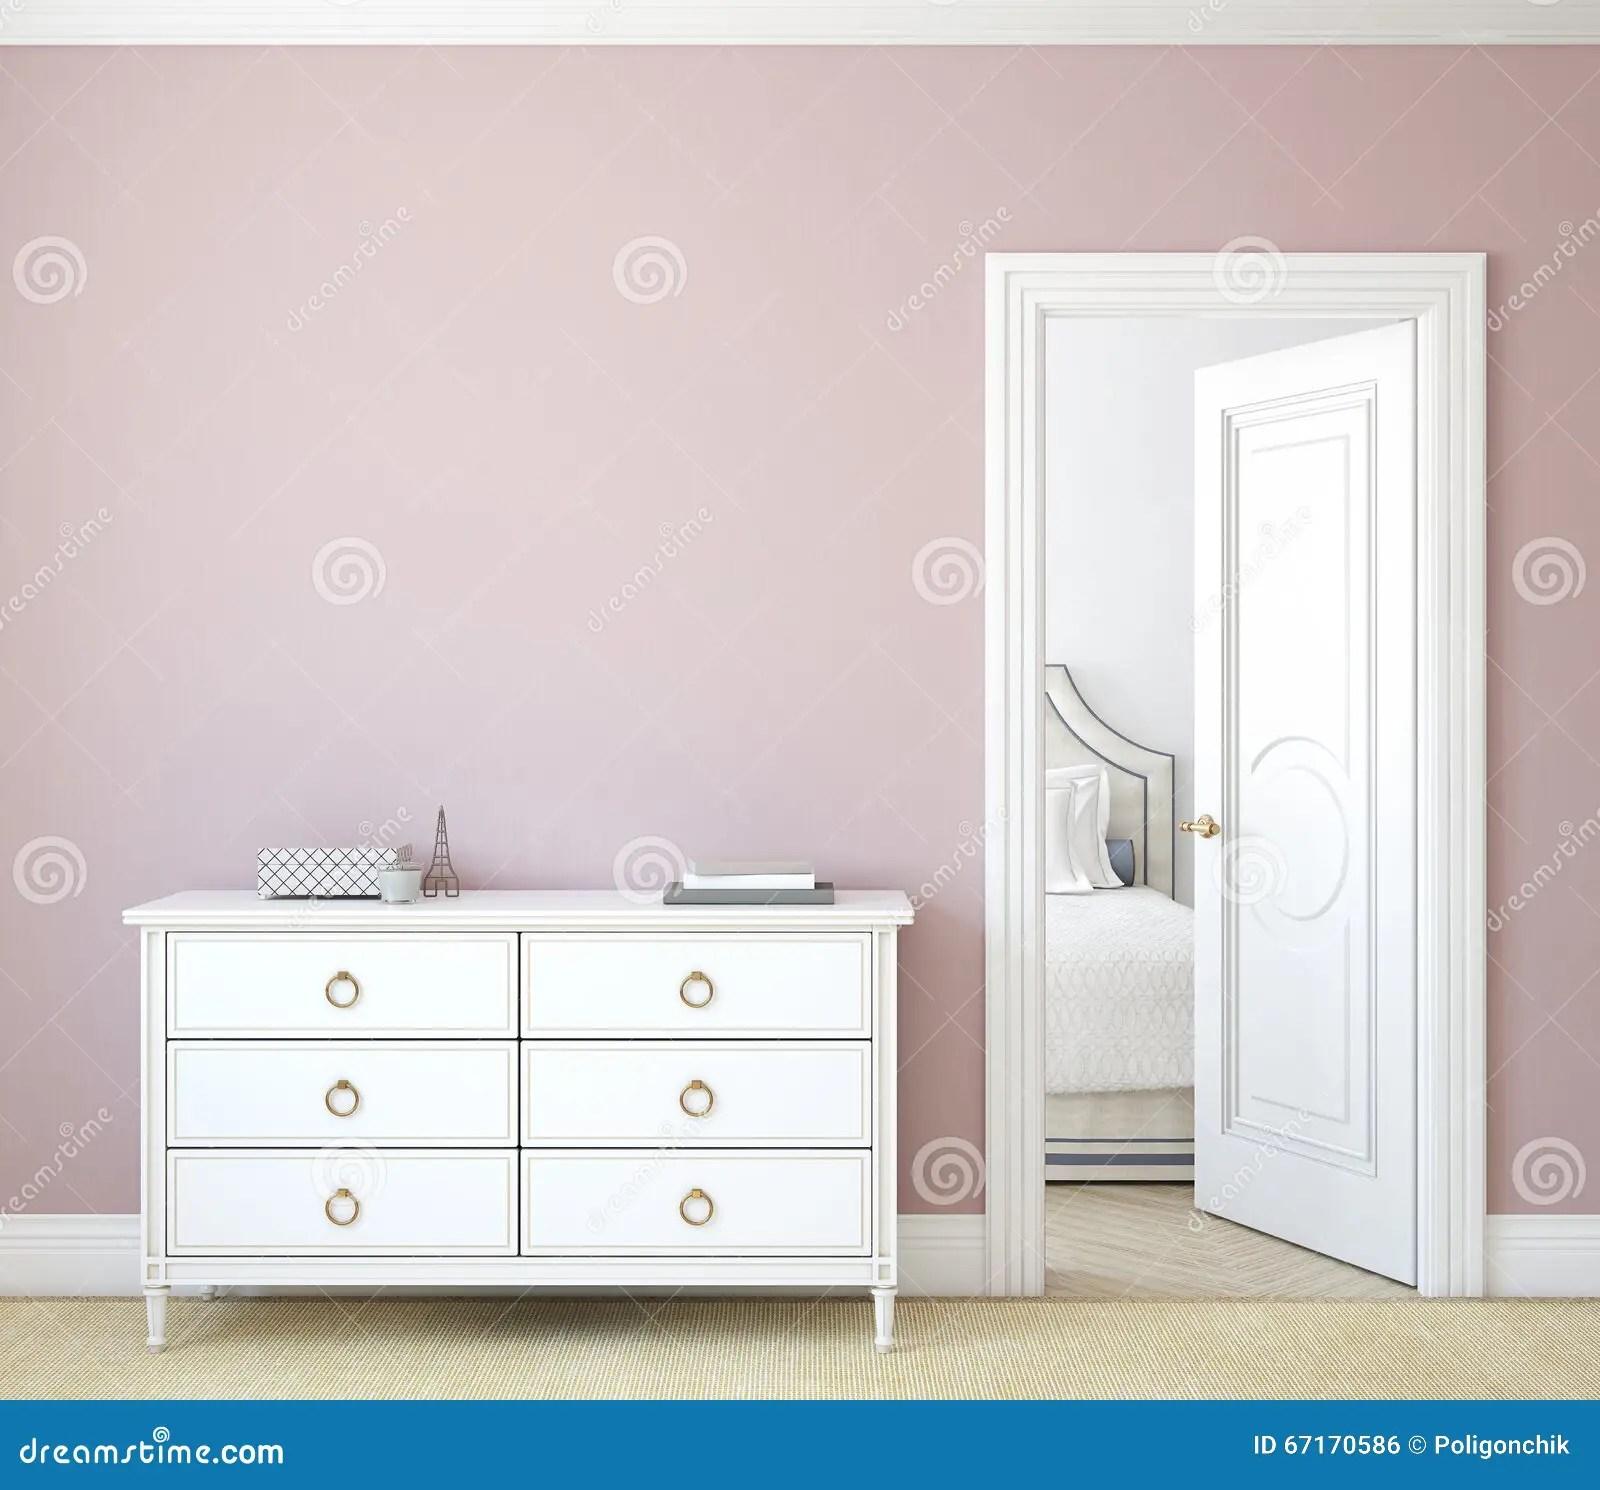 hallway 3d rendering stock